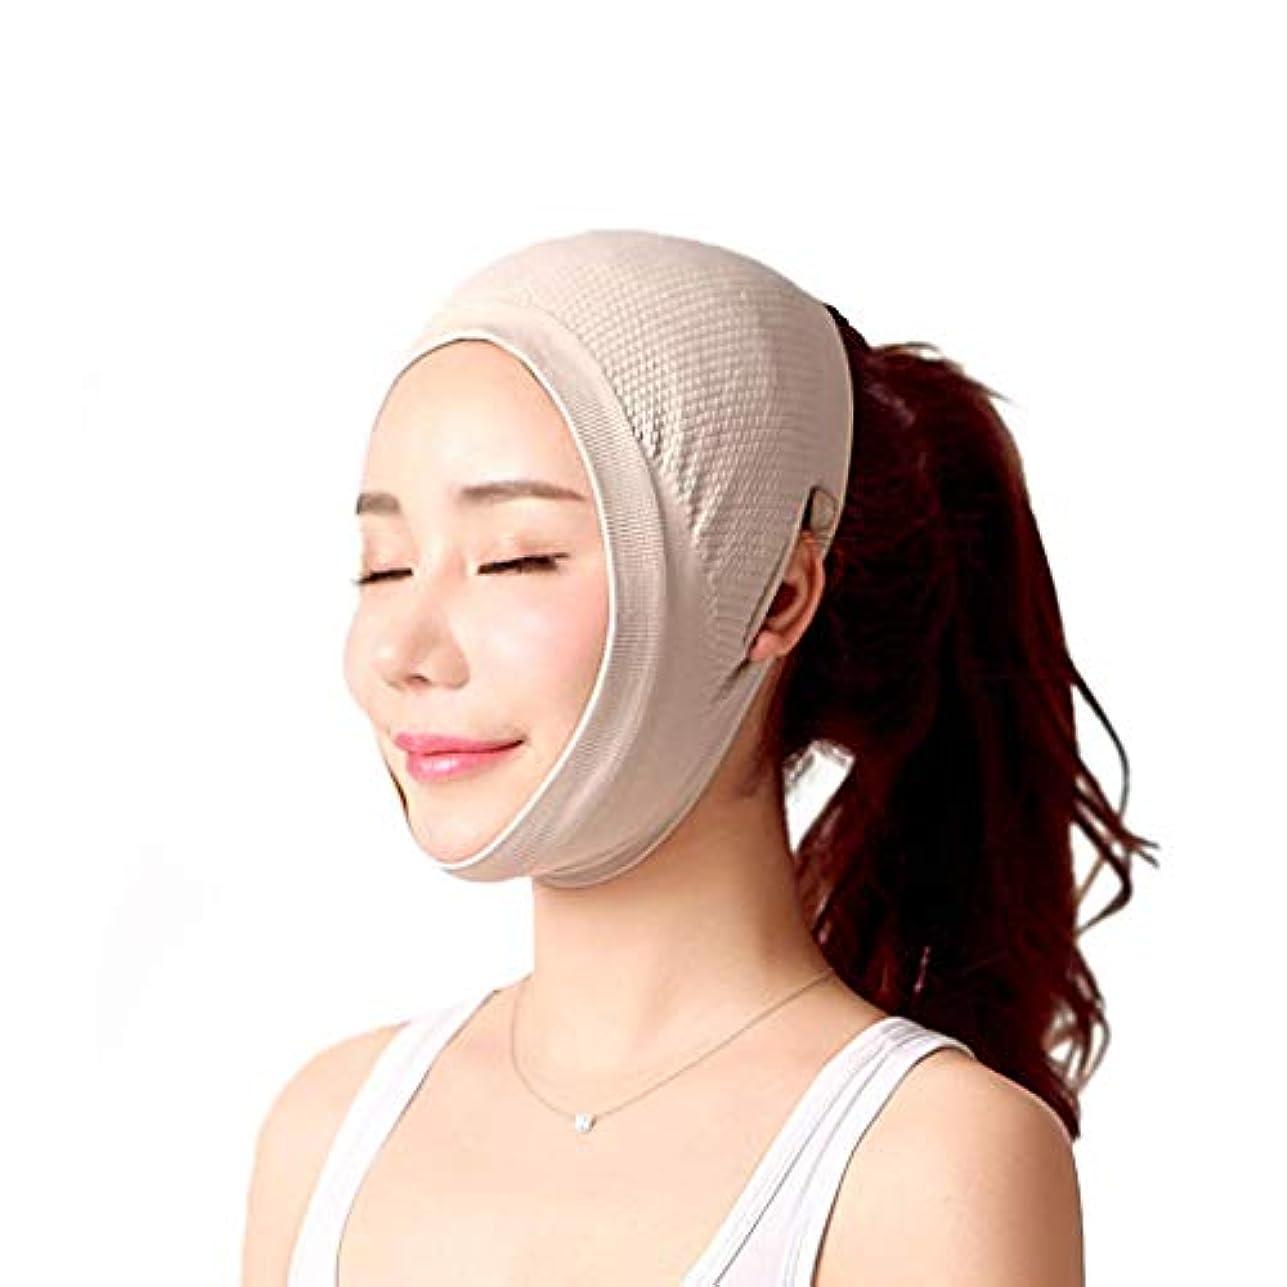 時制アルコールエージェント顔痩身包帯、二重あご、二重あごを減らすために顔を持ち上げる、顔を引き締める、体重を減らすためのマスク(ワンサイズ)